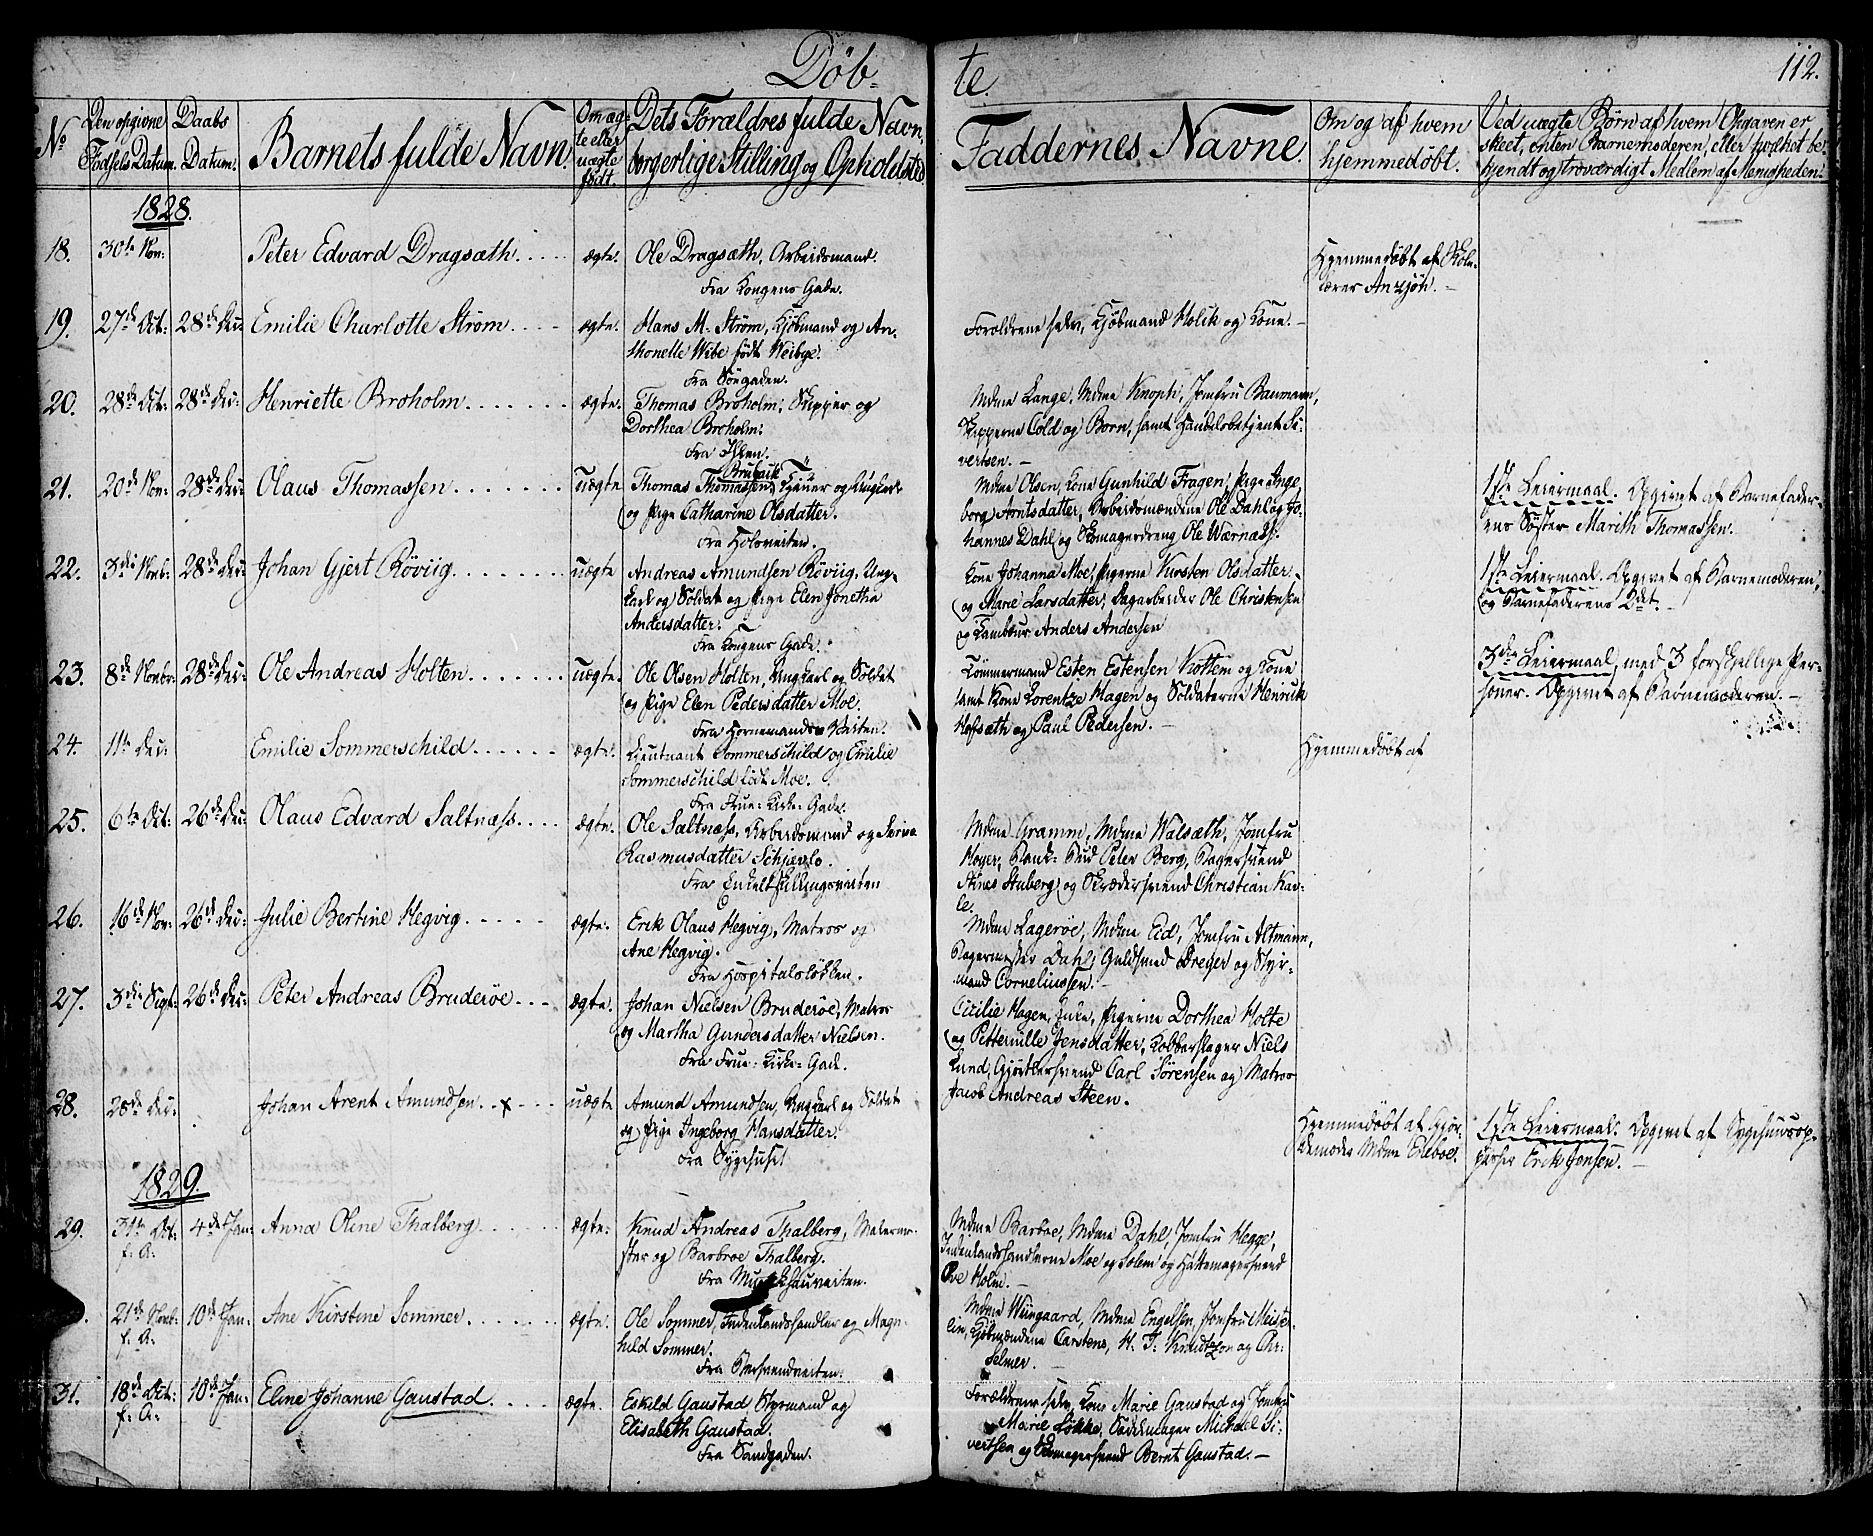 SAT, Ministerialprotokoller, klokkerbøker og fødselsregistre - Sør-Trøndelag, 601/L0045: Ministerialbok nr. 601A13, 1821-1831, s. 112